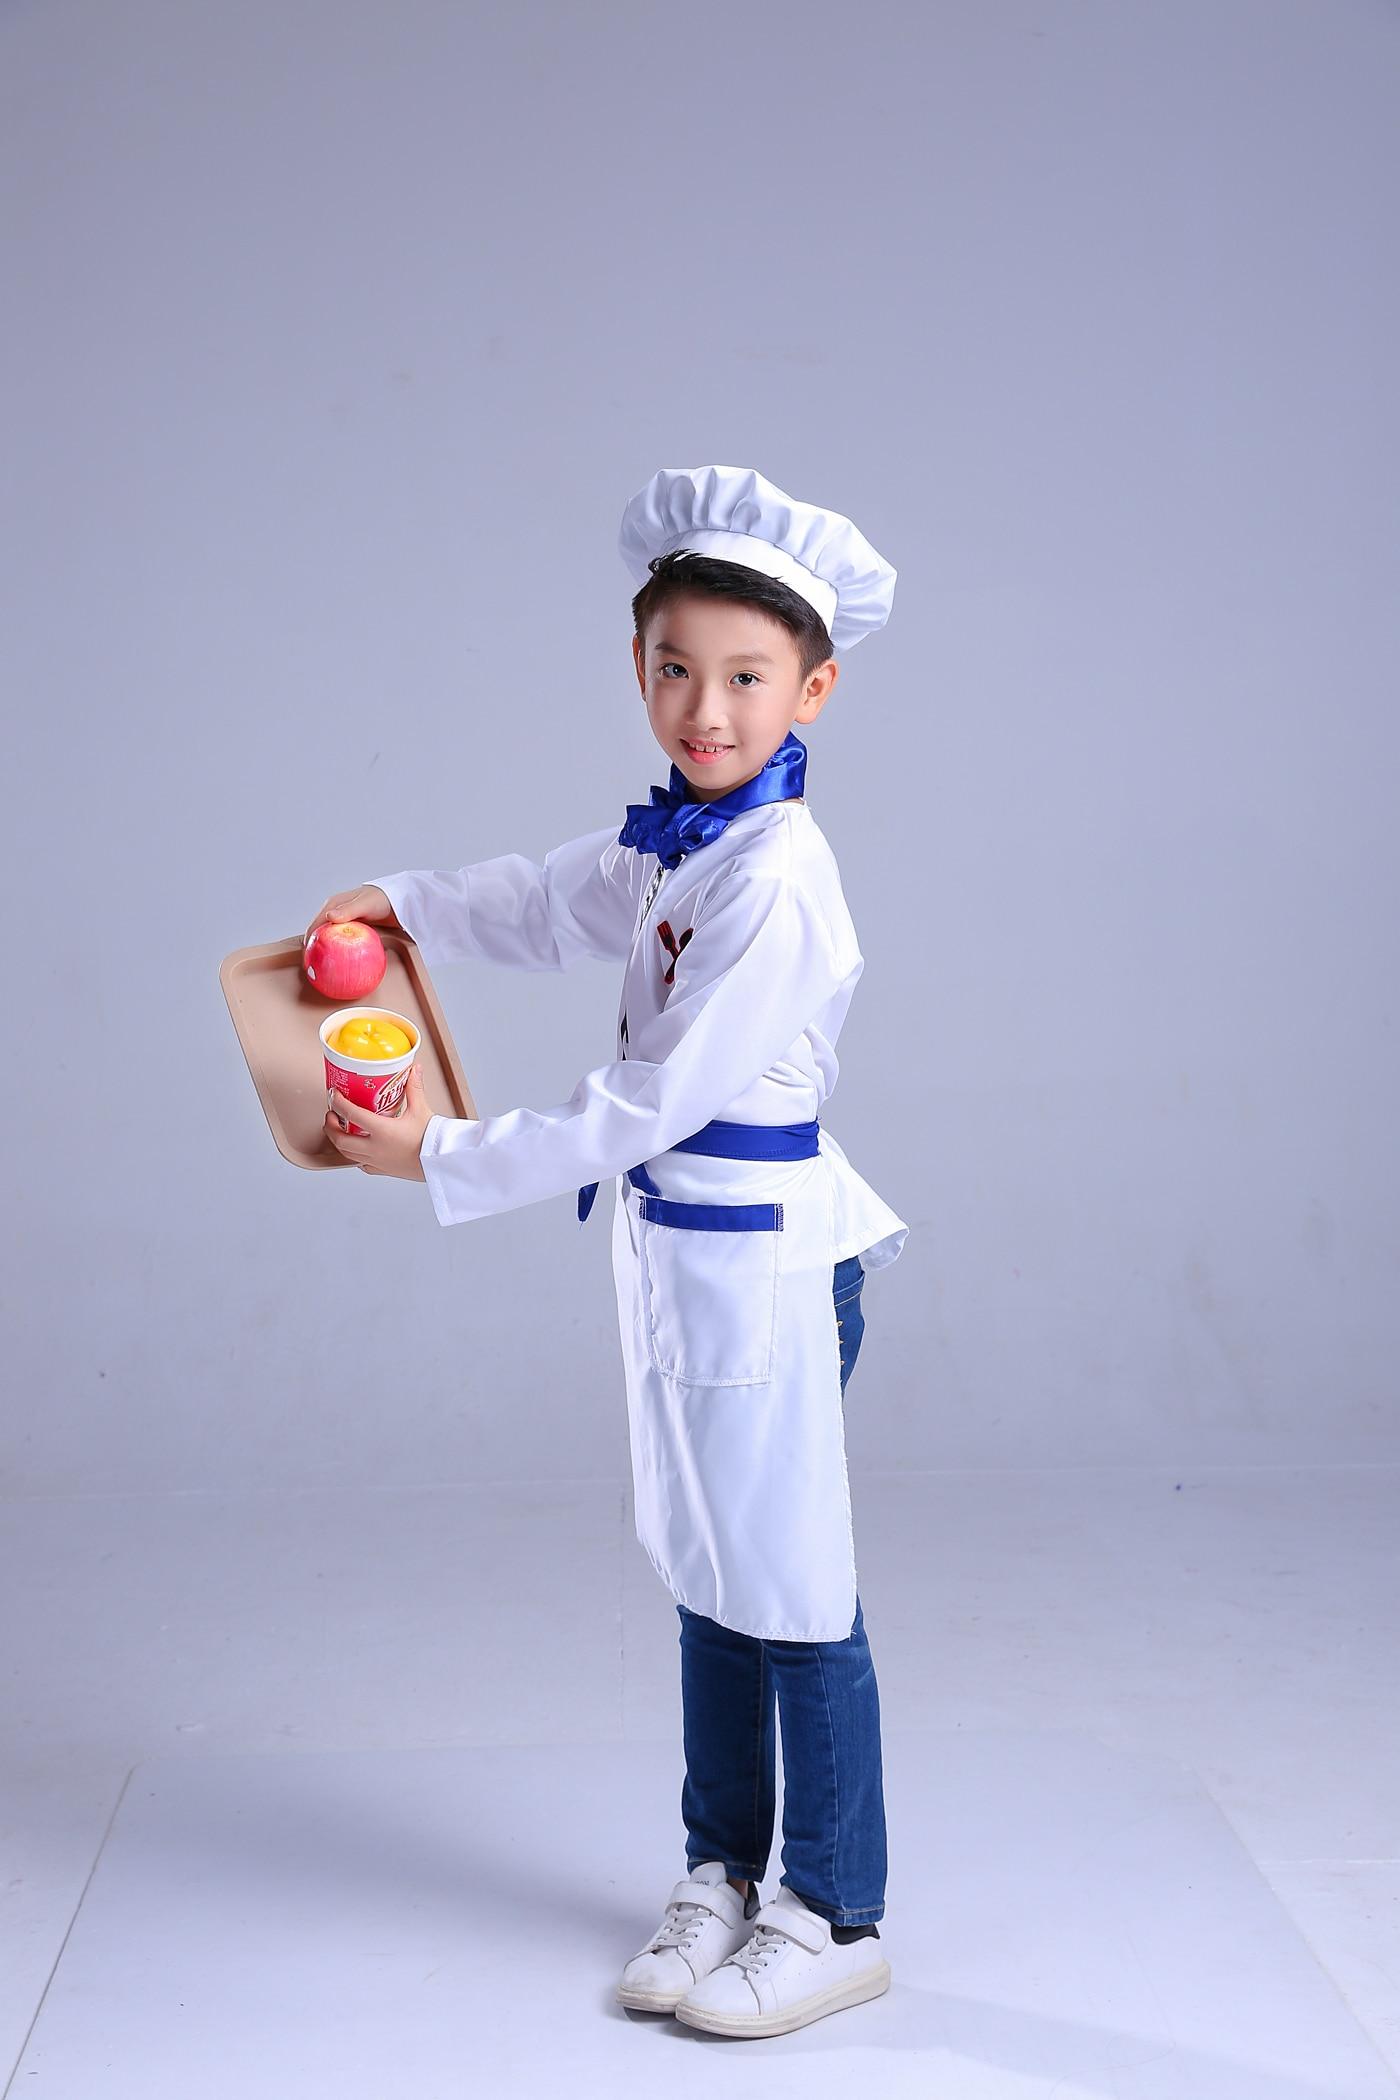 Wunderbar Kinder Spielen Küche Galerie - Küchen Design Ideen ...